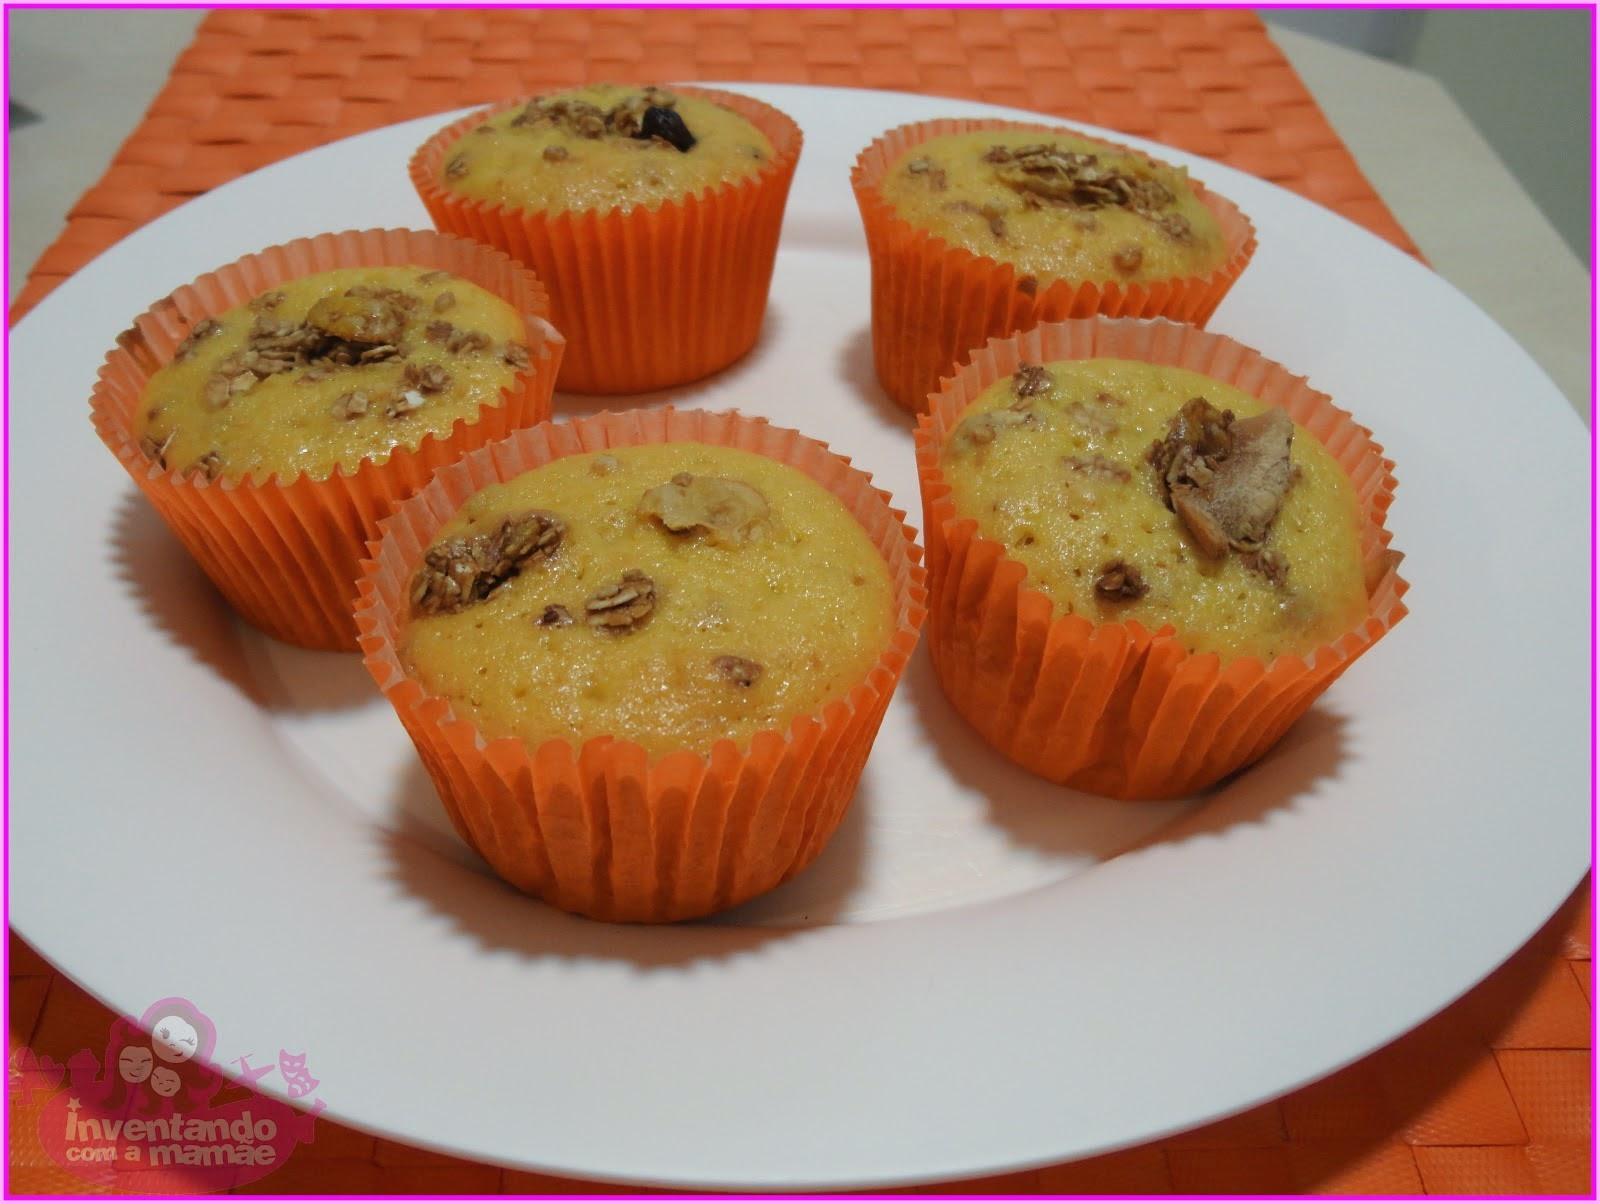 cupcake de casca de mamão com granola